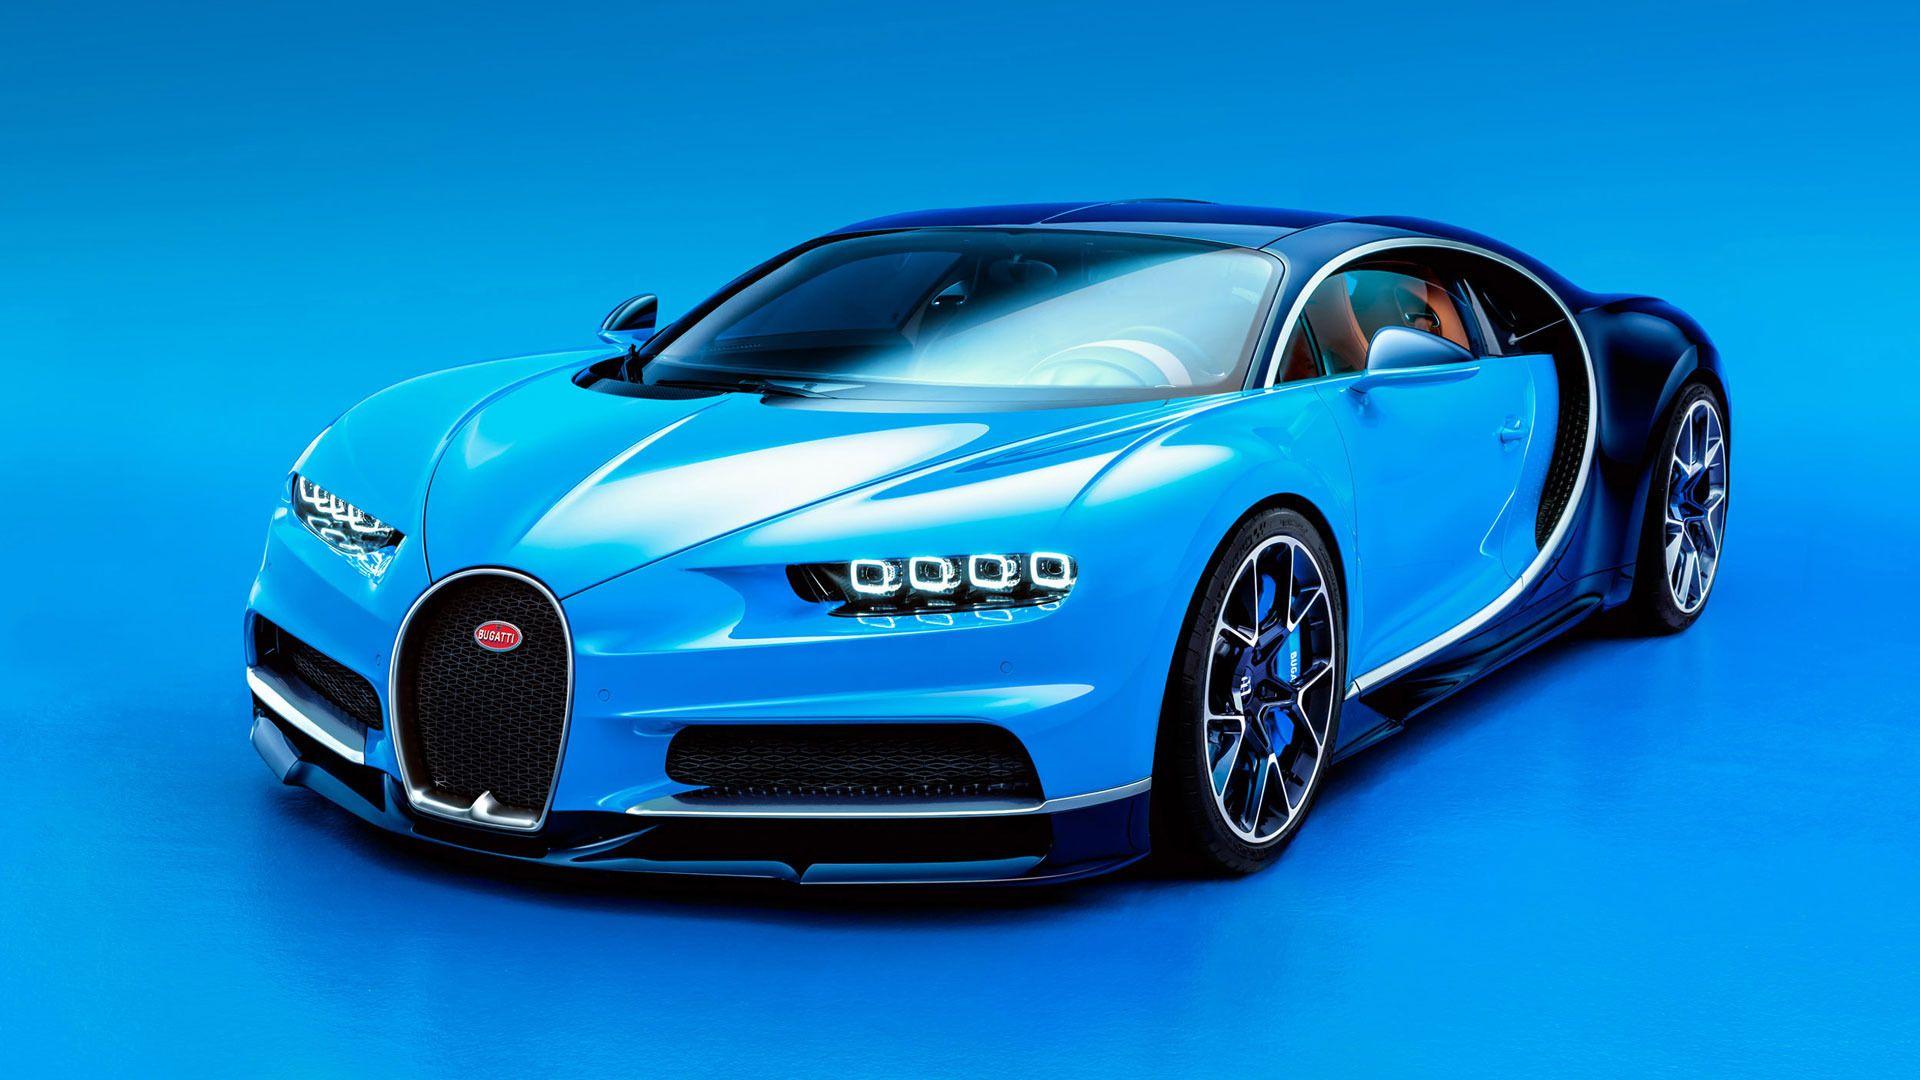 New 2020 Bugatti Chiron Greenwich Ct Bugatti Chiron 2017 Bugatti Chiron Bugatti Cars